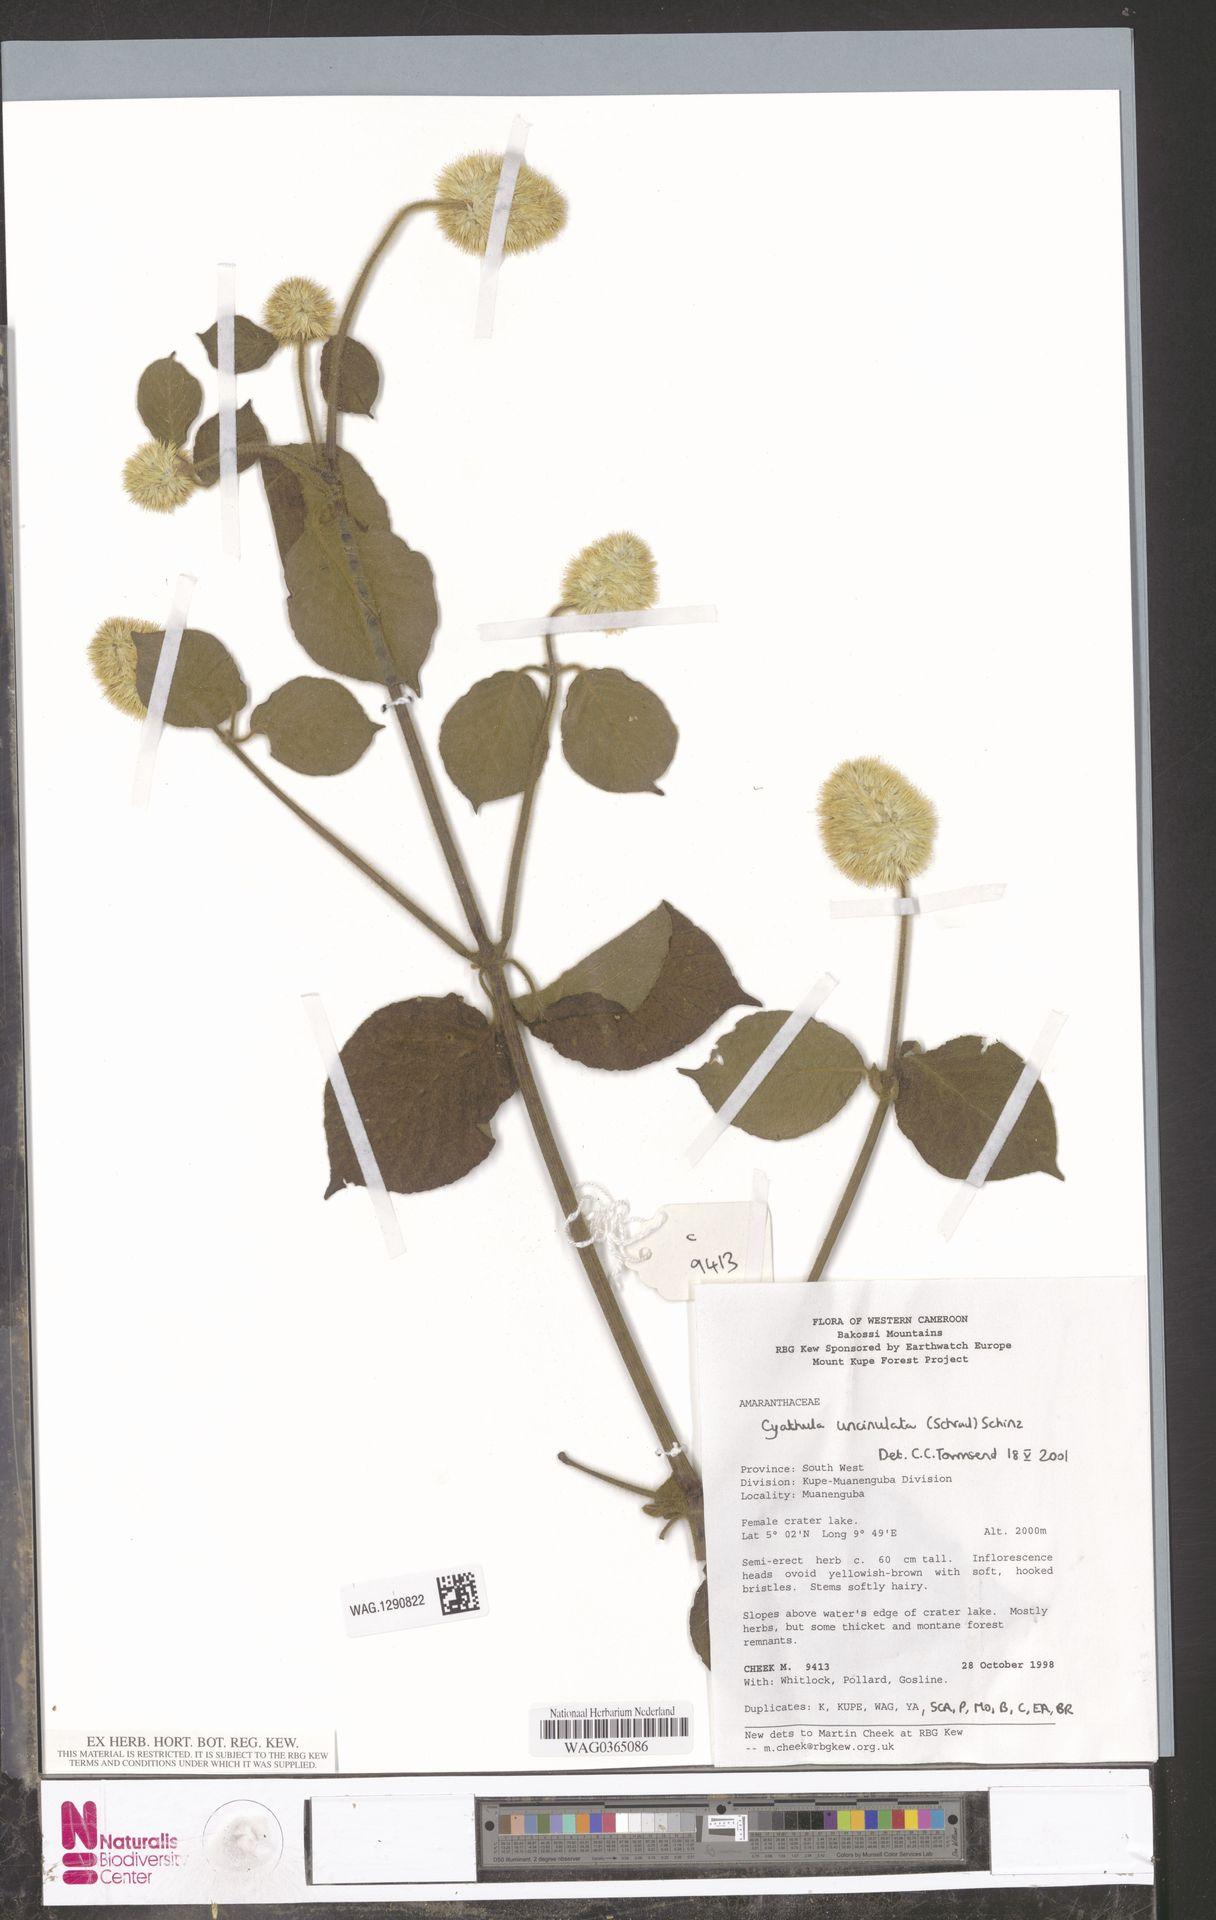 WAG.1290822   Cyathula uncinulata (Schrad.) Schinz